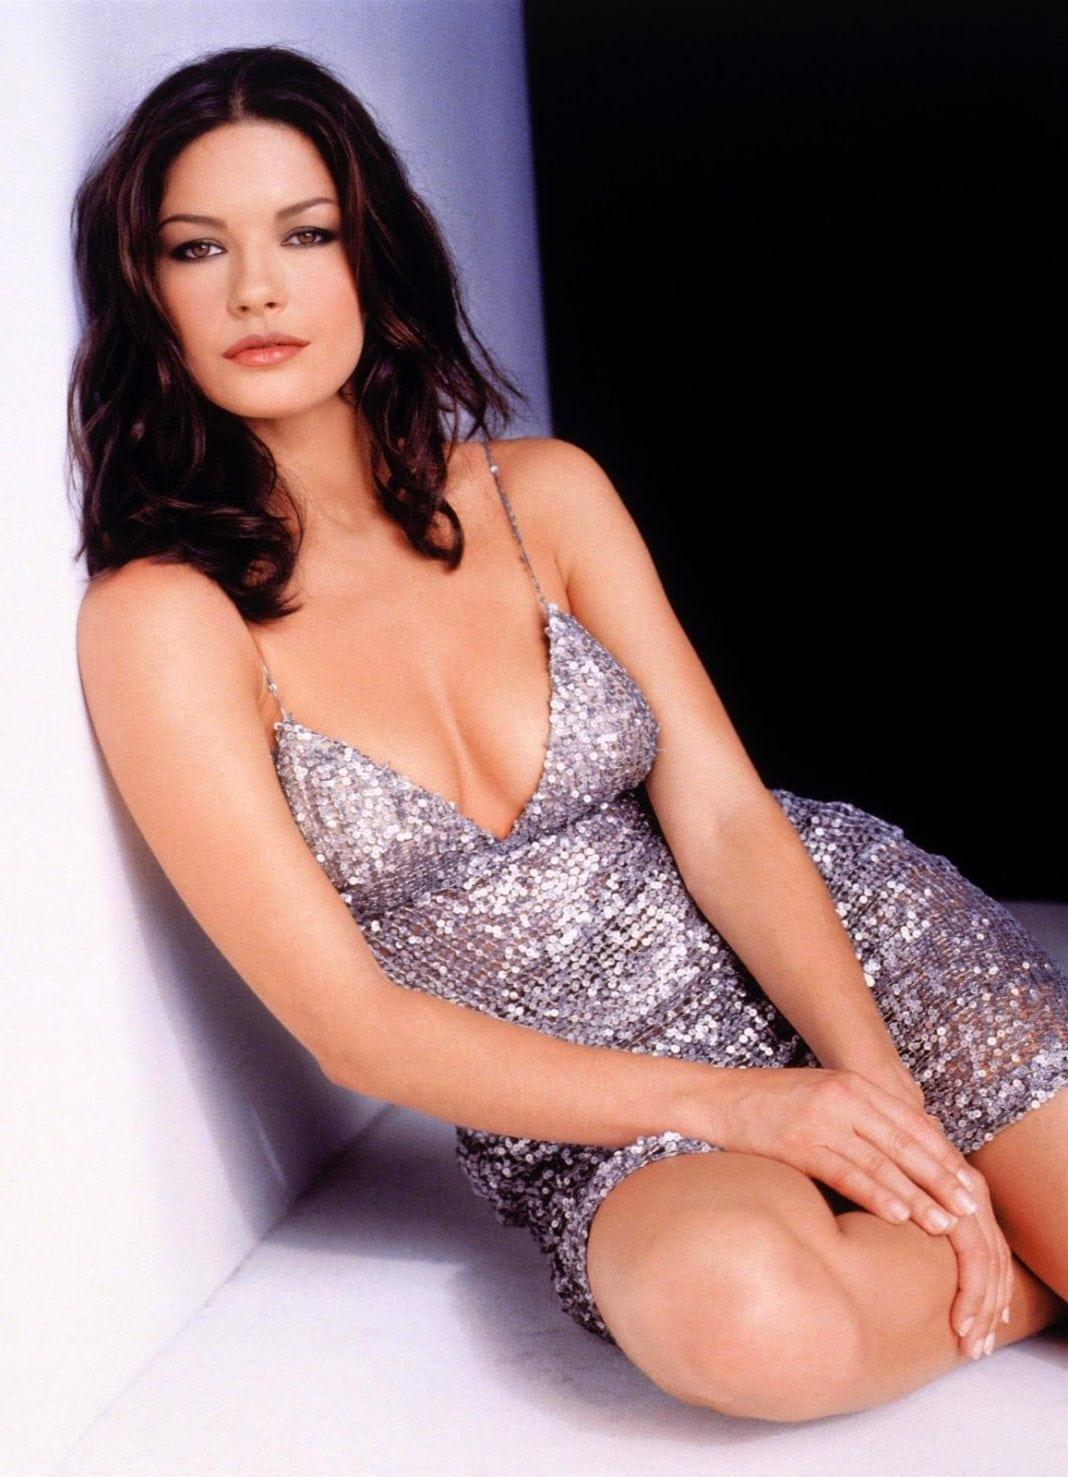 Catherine Zeta-Jones busty pics